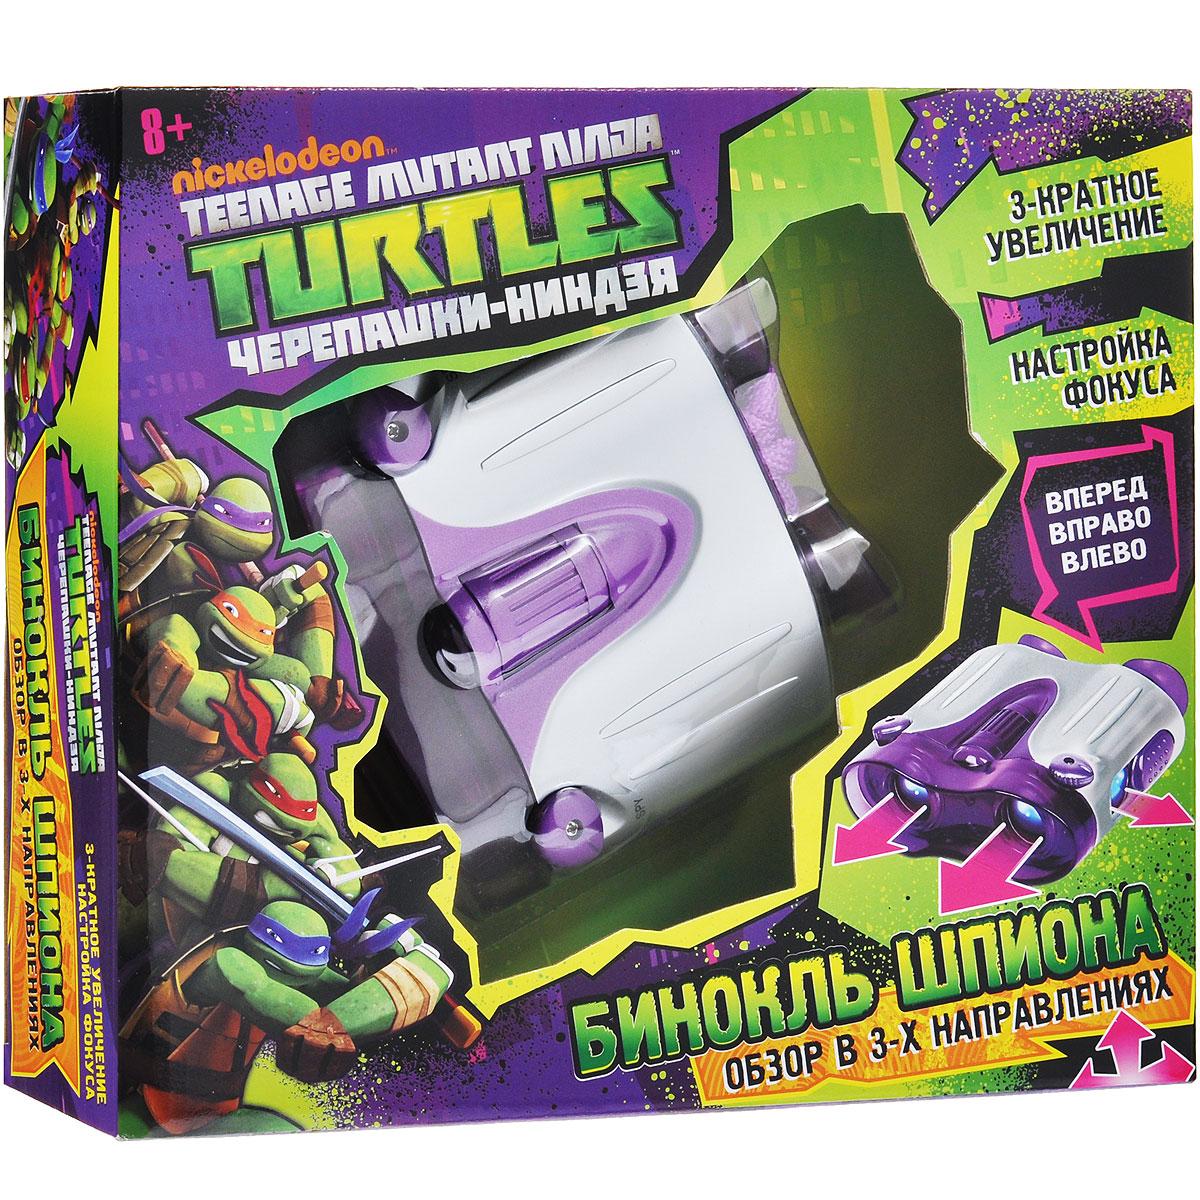 Игрушка Turtles Бинокль шпиона, цвет: фиолетовый, серебристый ночной бинокль в интернет магазине дешево